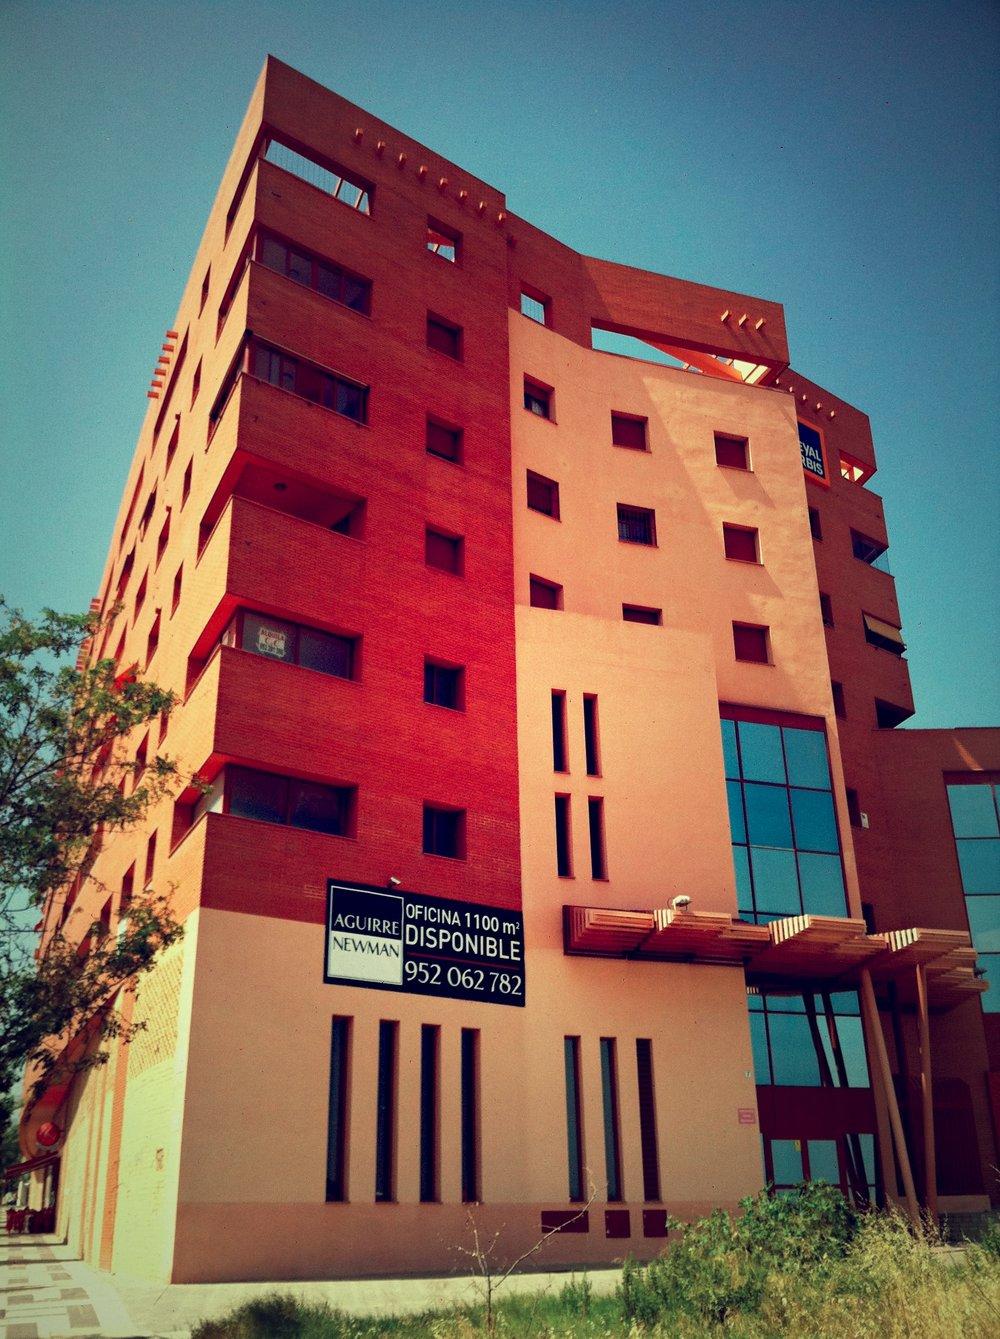 Edificio.jpg